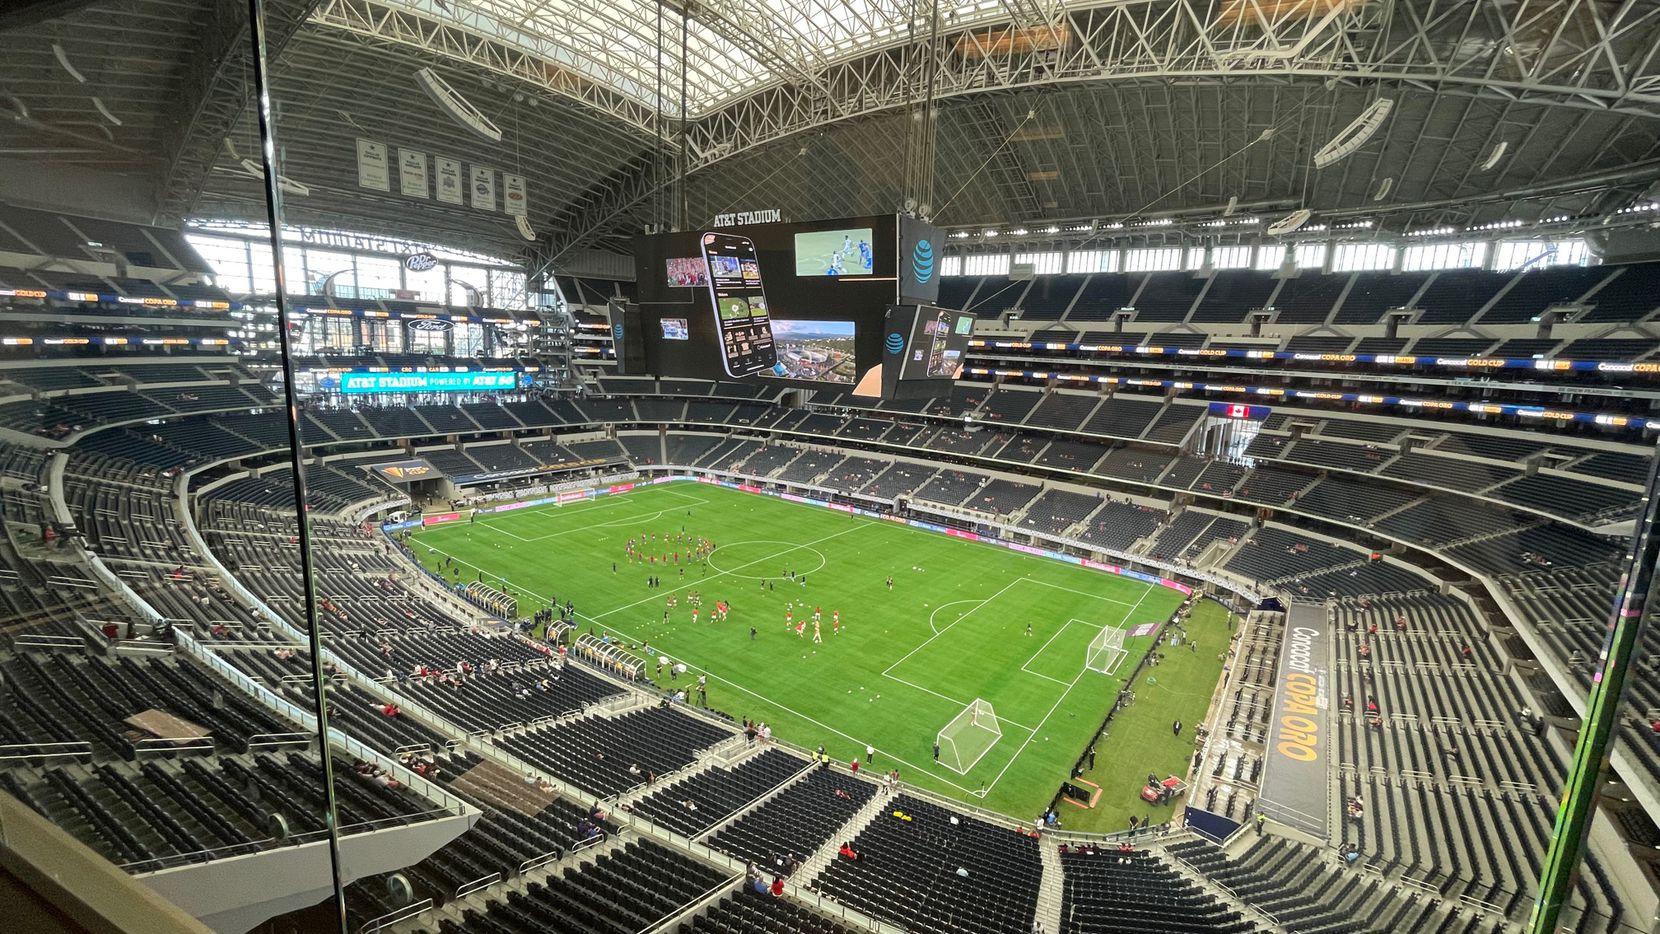 Desde lo más alto del AT&T Stadium  en Arlington se pueden observar las gradas casi vacías del estadio minutos antes del inicio del partido de cuartos de final entre las selecciones de Costa Rica y Canadá, el 25 de julio de 2021.